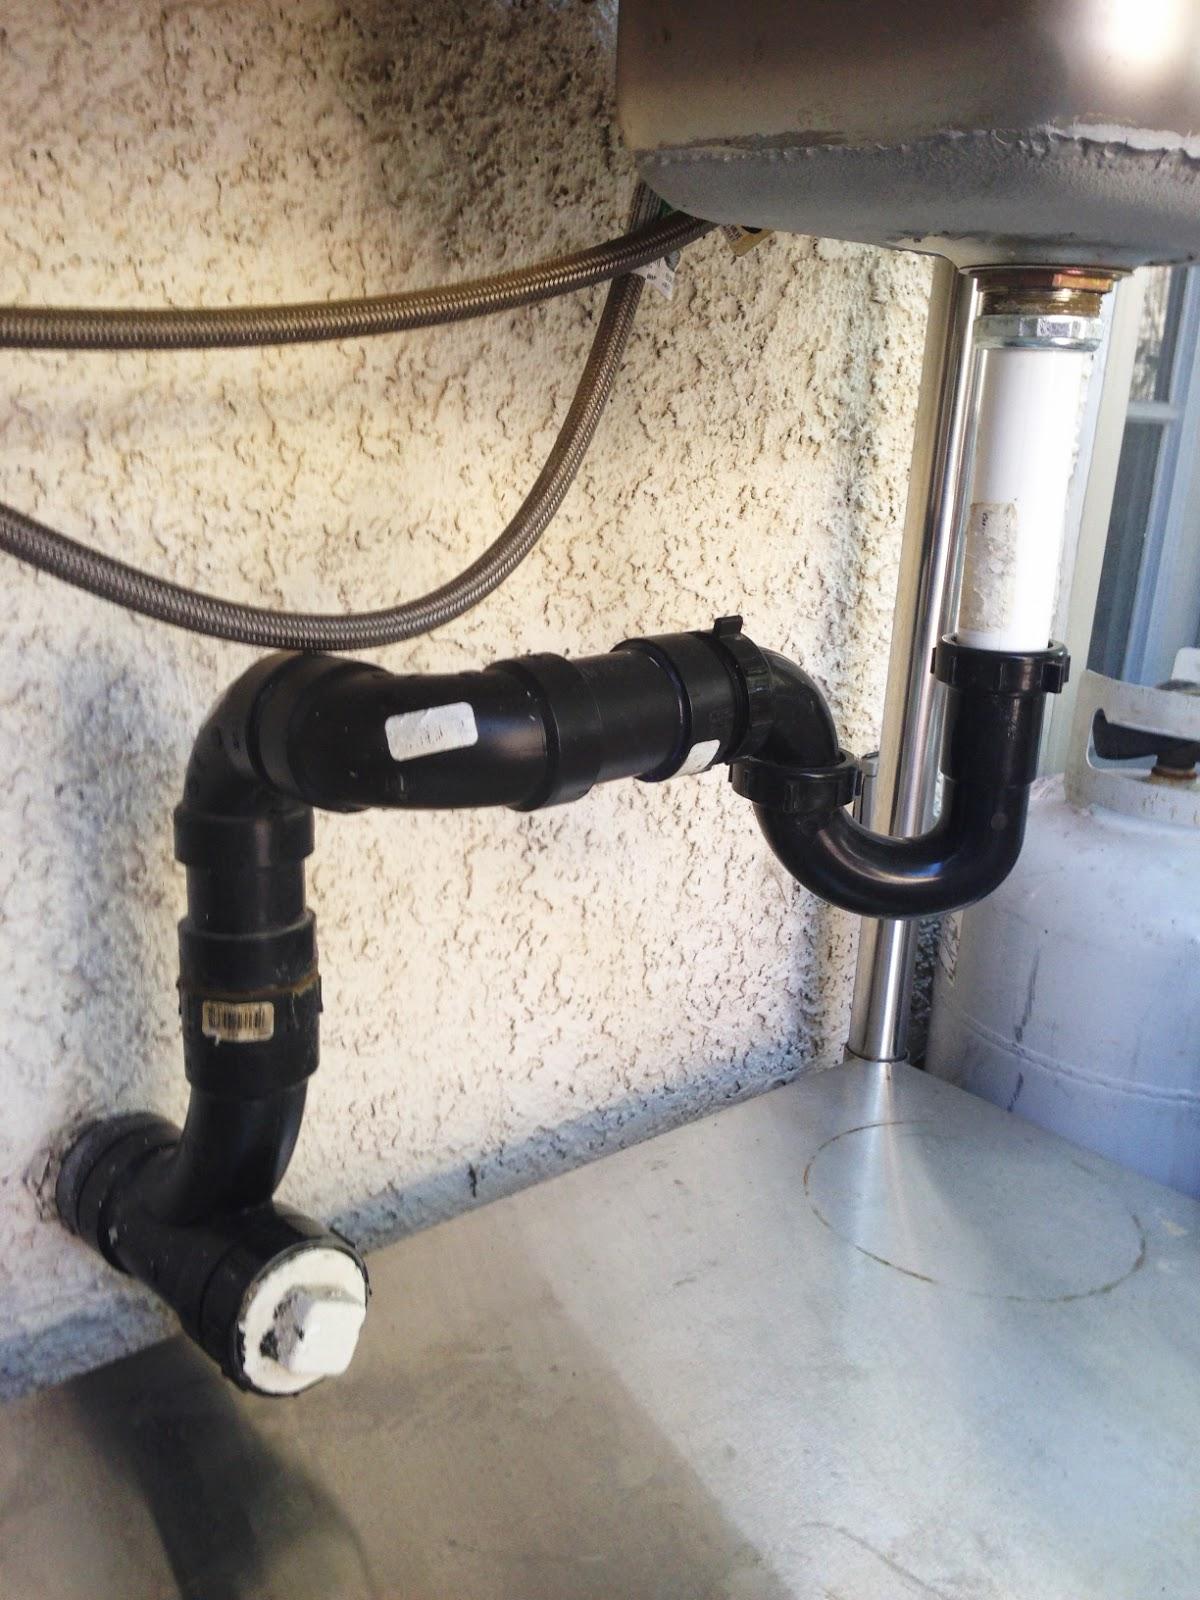 Outdoor sink hose hookup